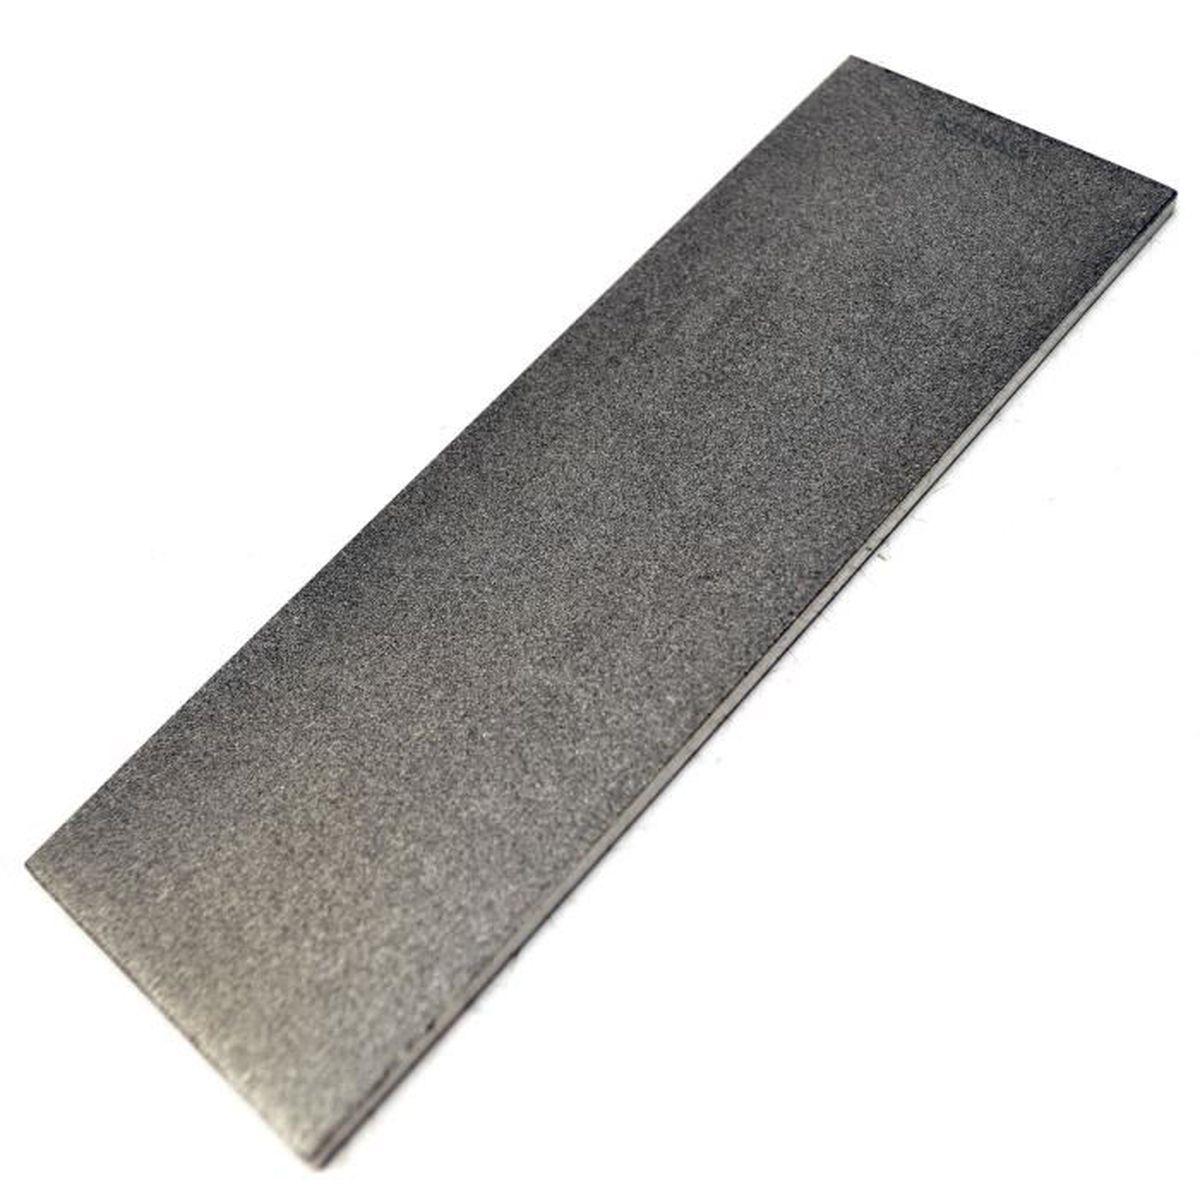 grain fin pour toutes les lames TE478 6 pierre /à aff/ûter diamant professionnel